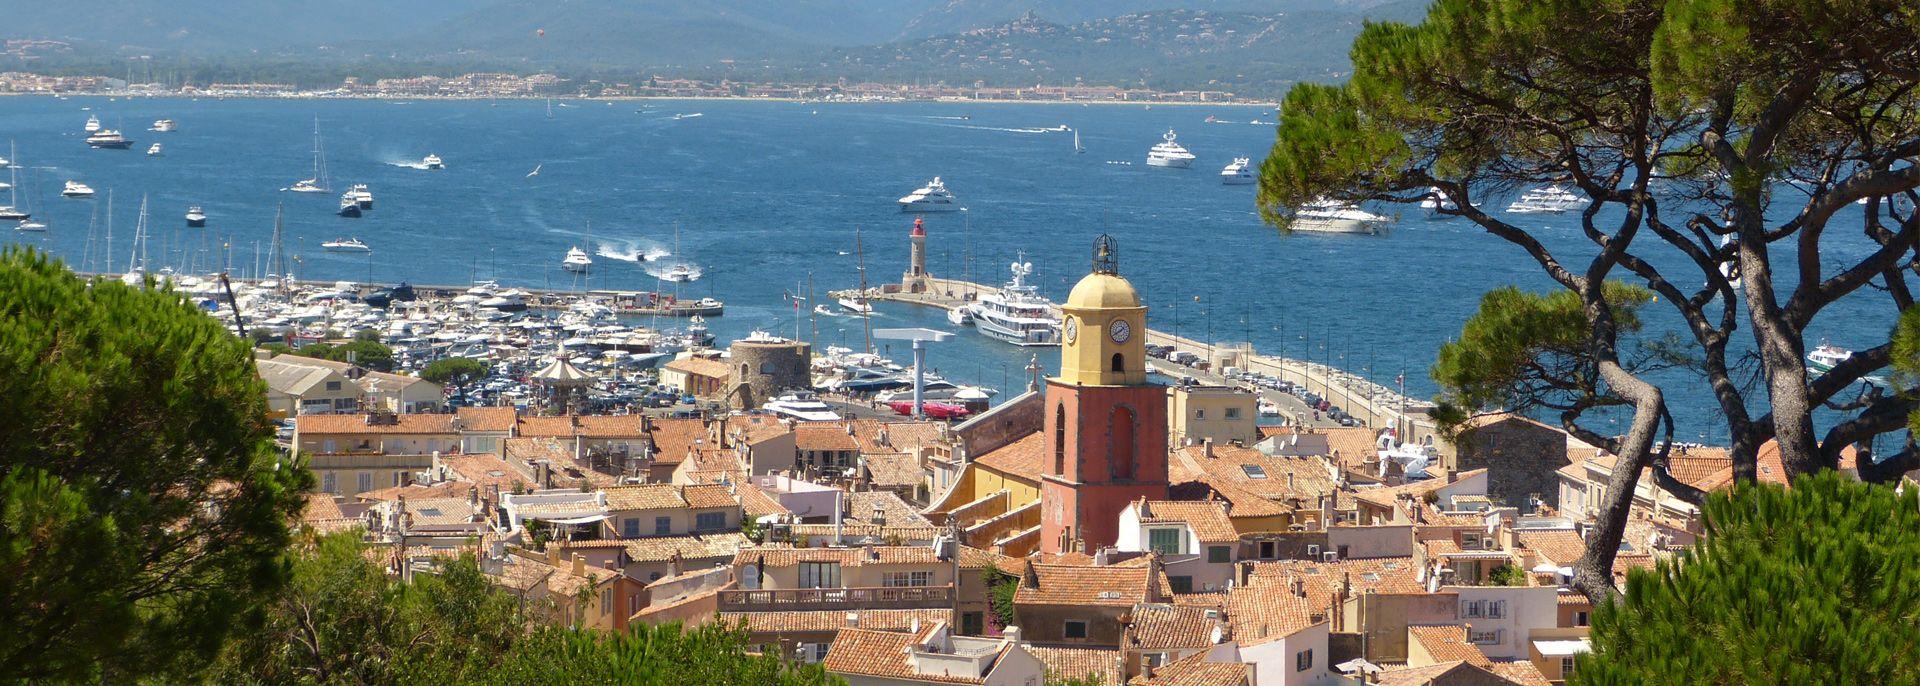 Saint-Tropez est toujours aussi belle…hors saison !